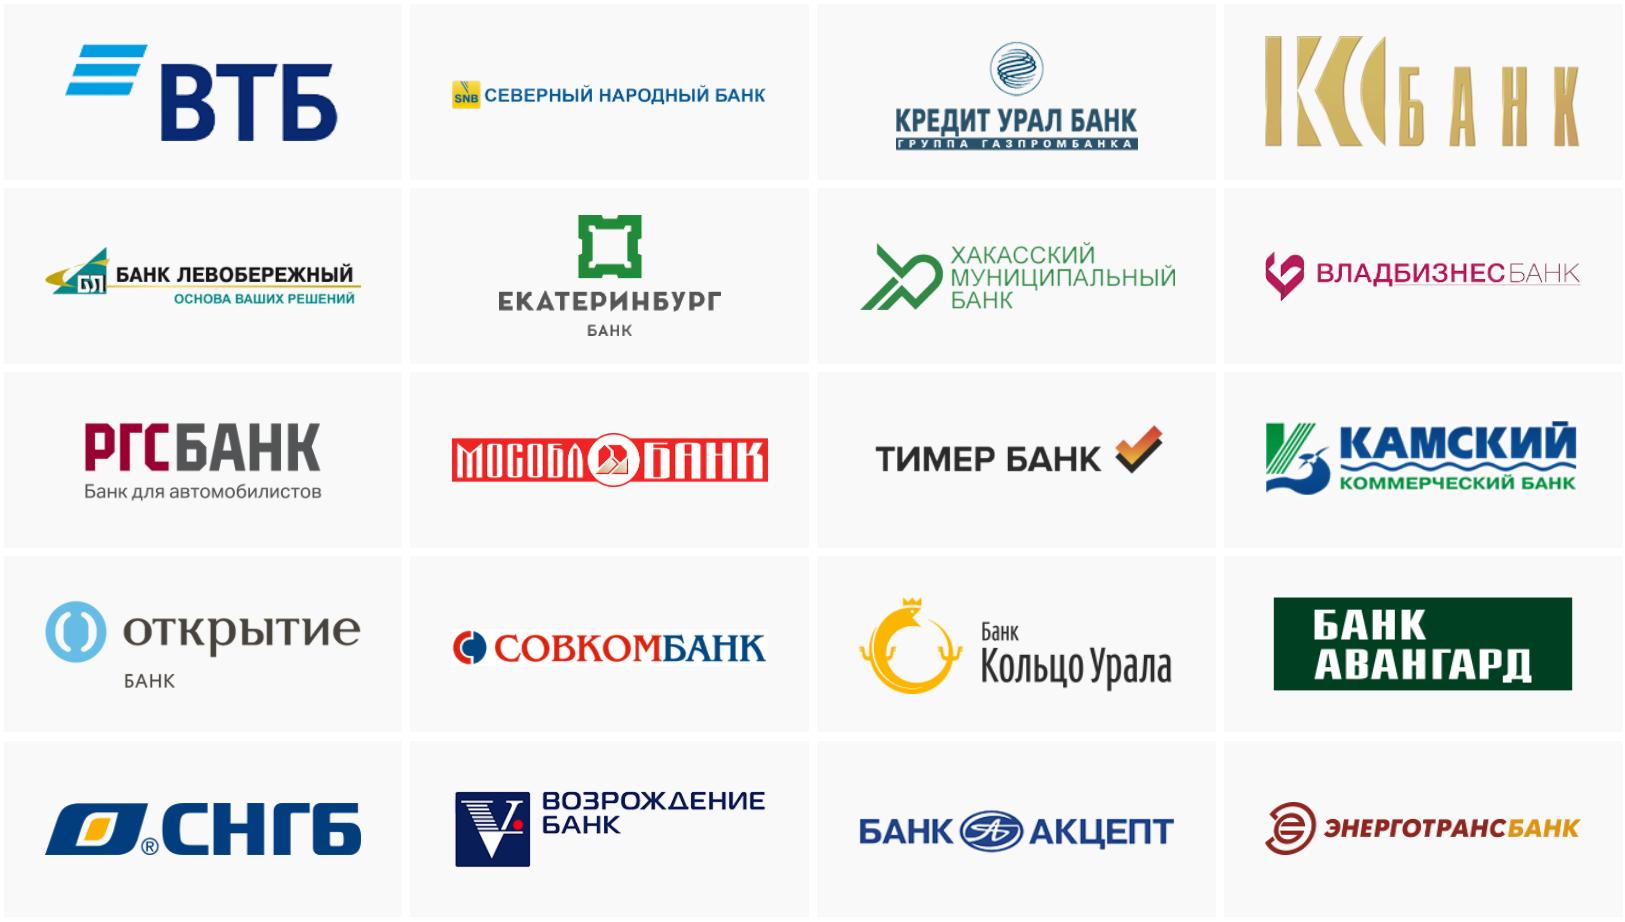 Банки участники mir pay 2